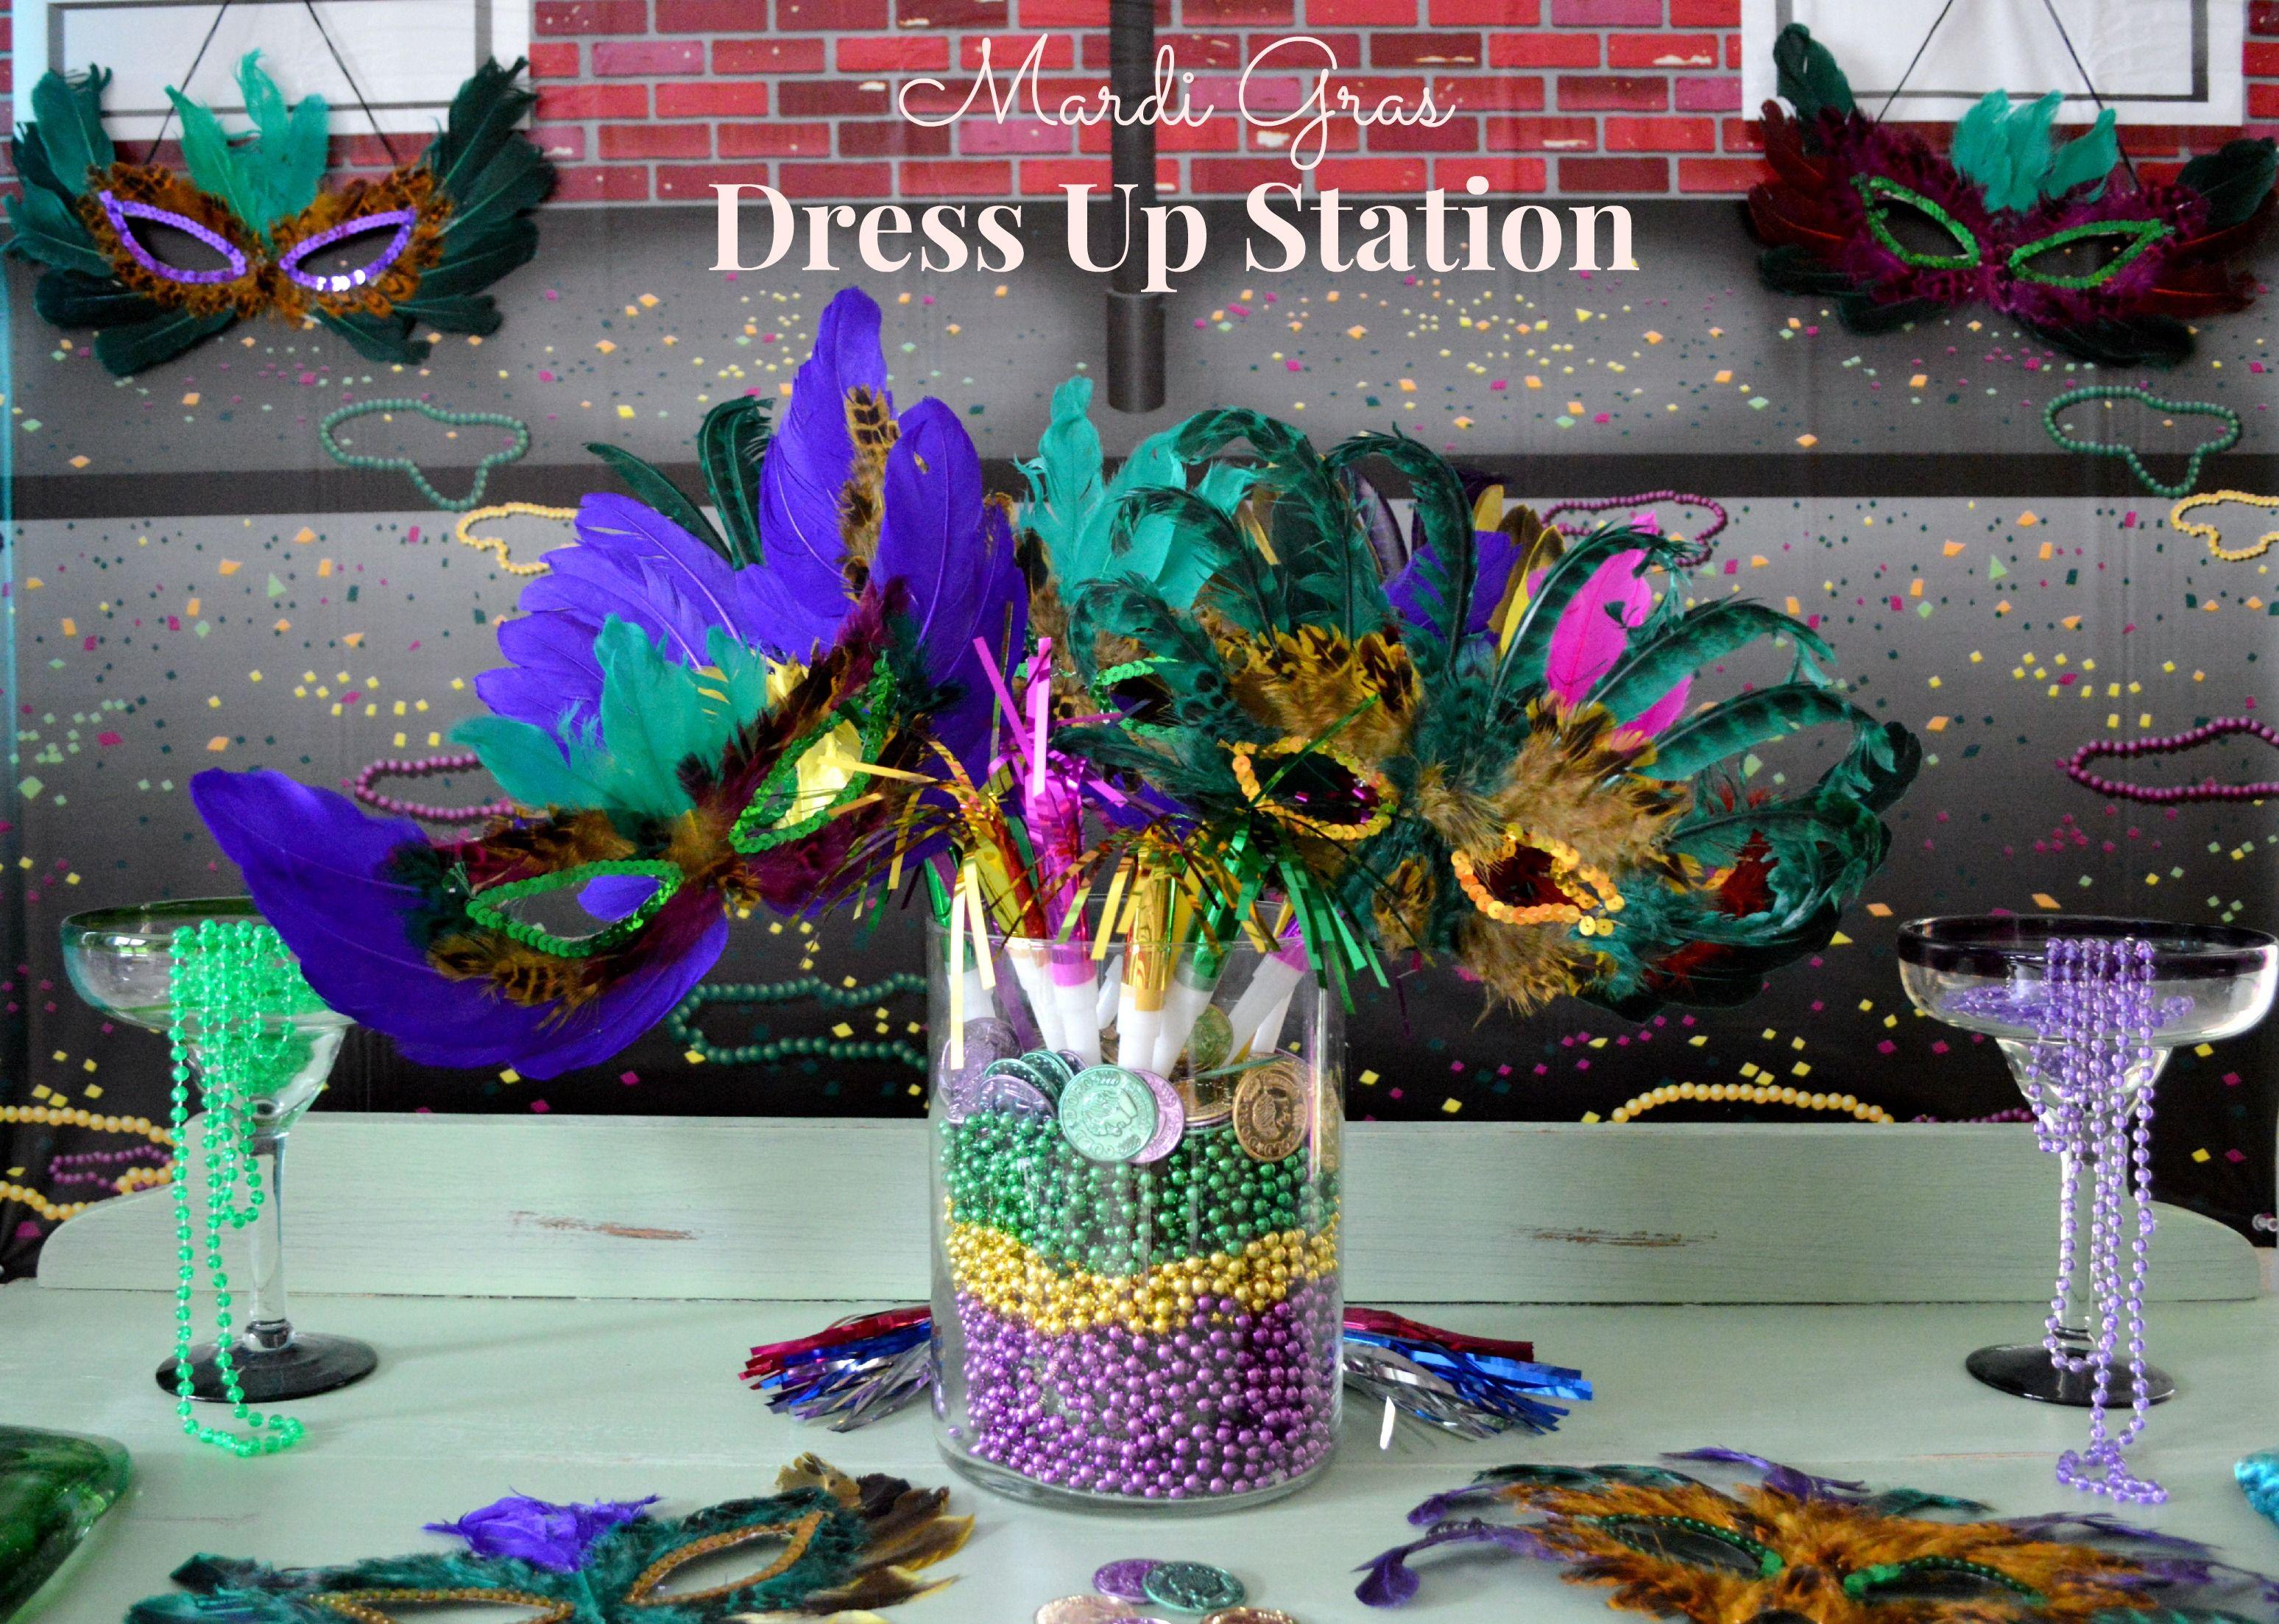 mardi gras table centerpieces ideas | mardi gras centerpieces ideas